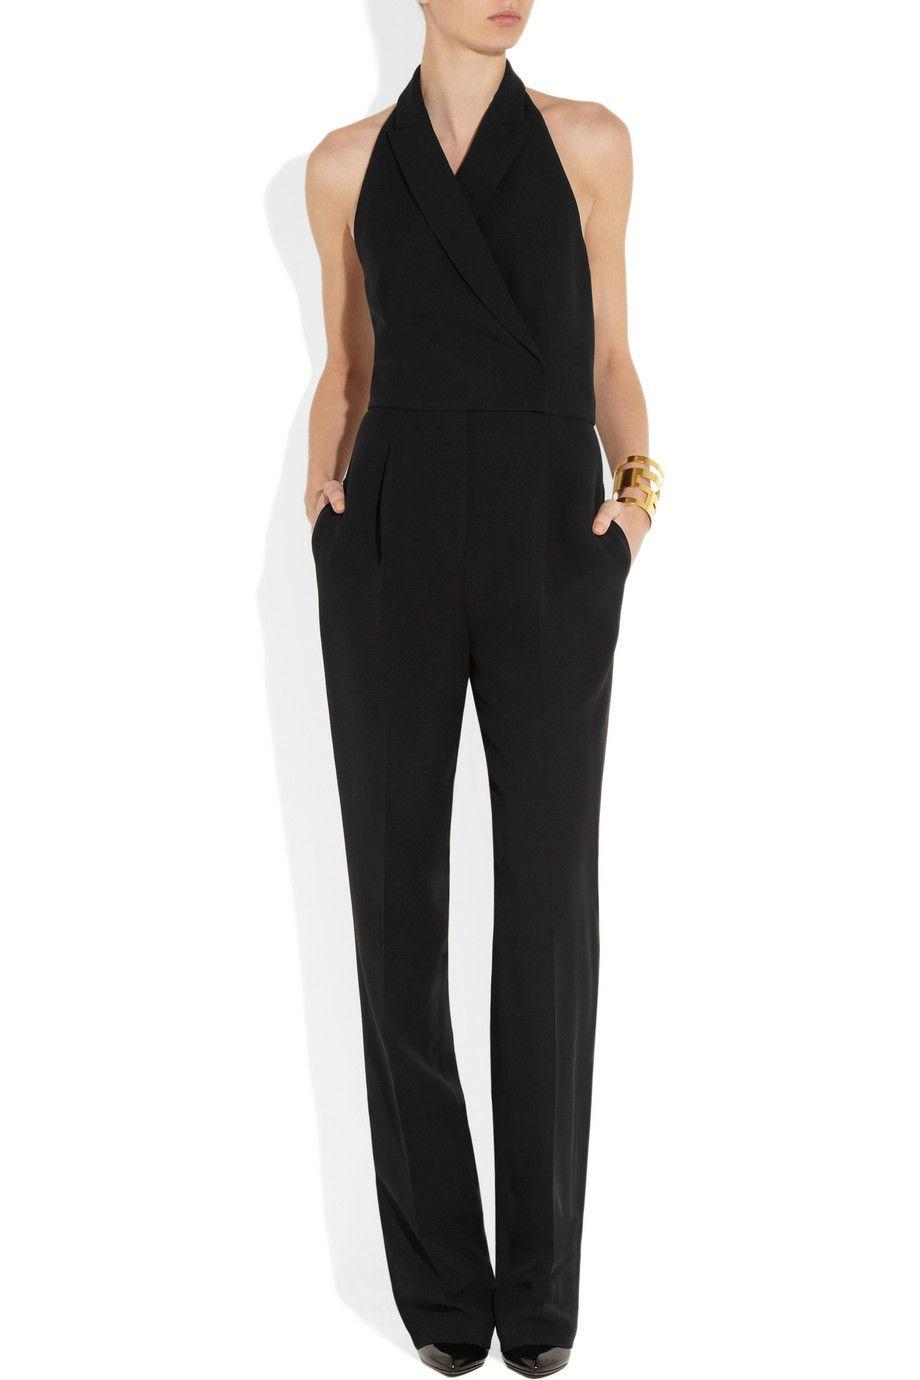 Combi-pantalon en soie et laine mélangées signée Valentino Elle s inspire  de la coupe smoking. Le dos-nu apporte une touche de féminité à ce modèle  ... 5a7224912749